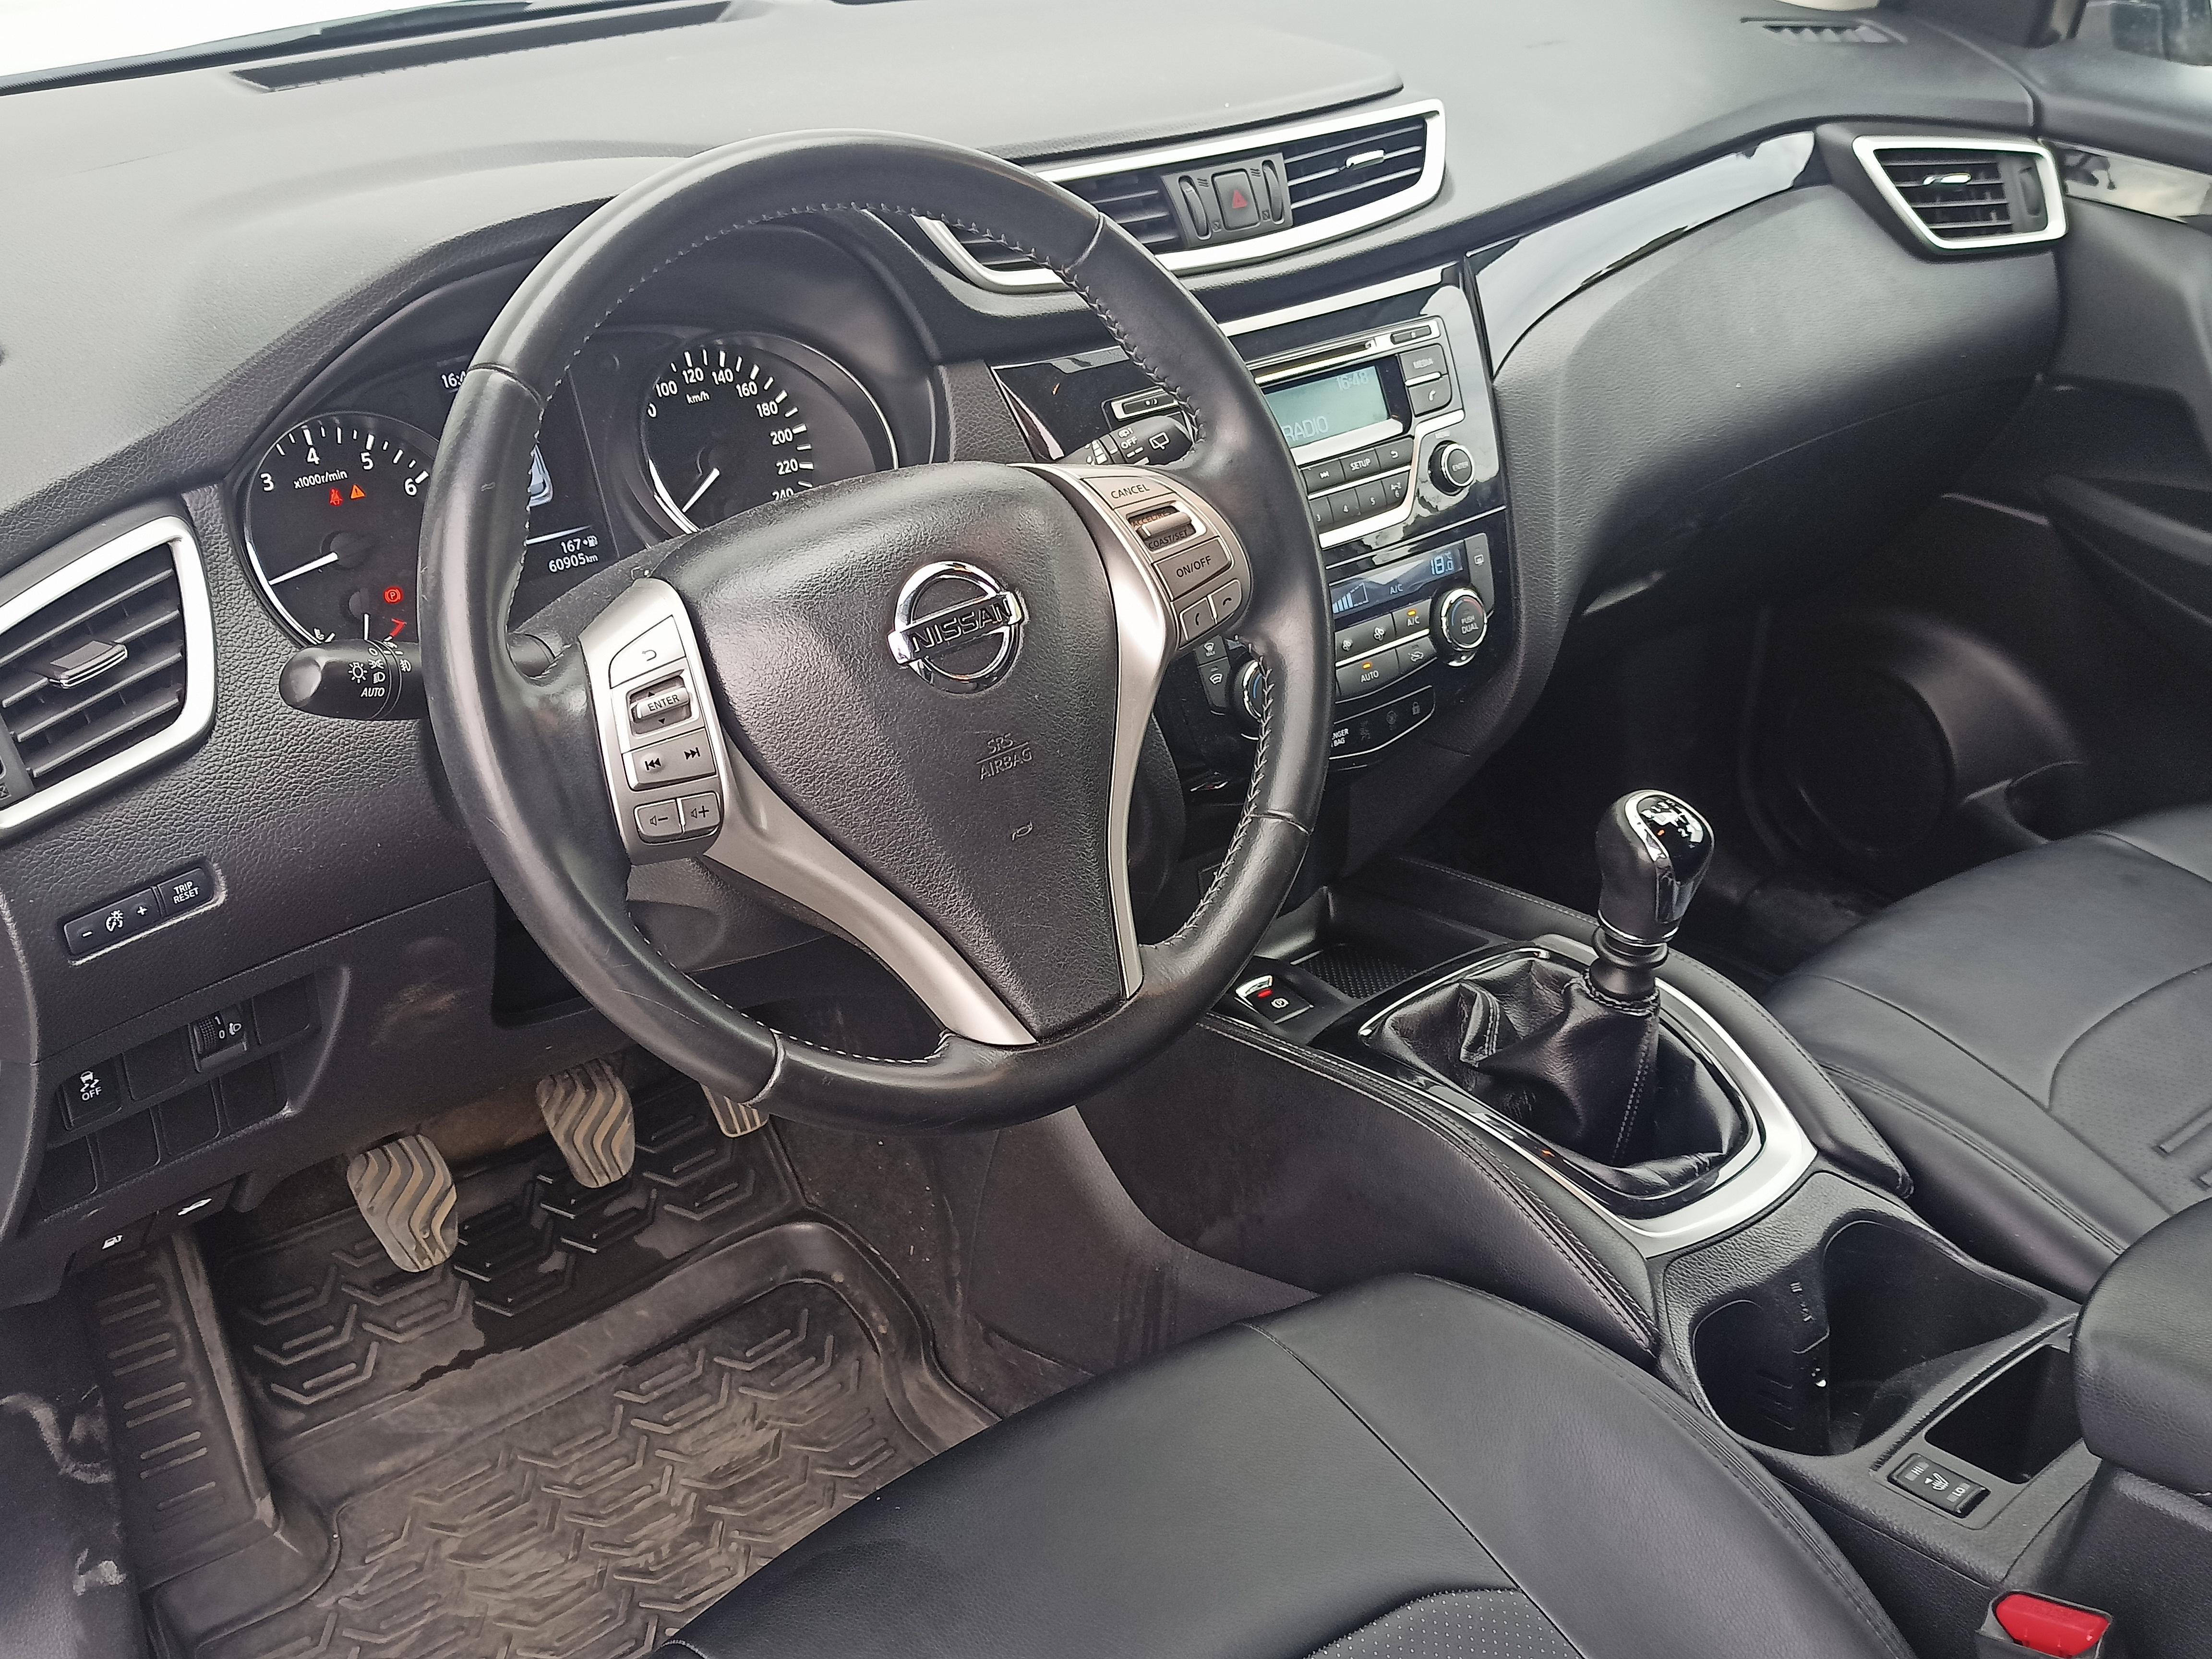 Nissan Qashqai Внедорожник (2016г.)